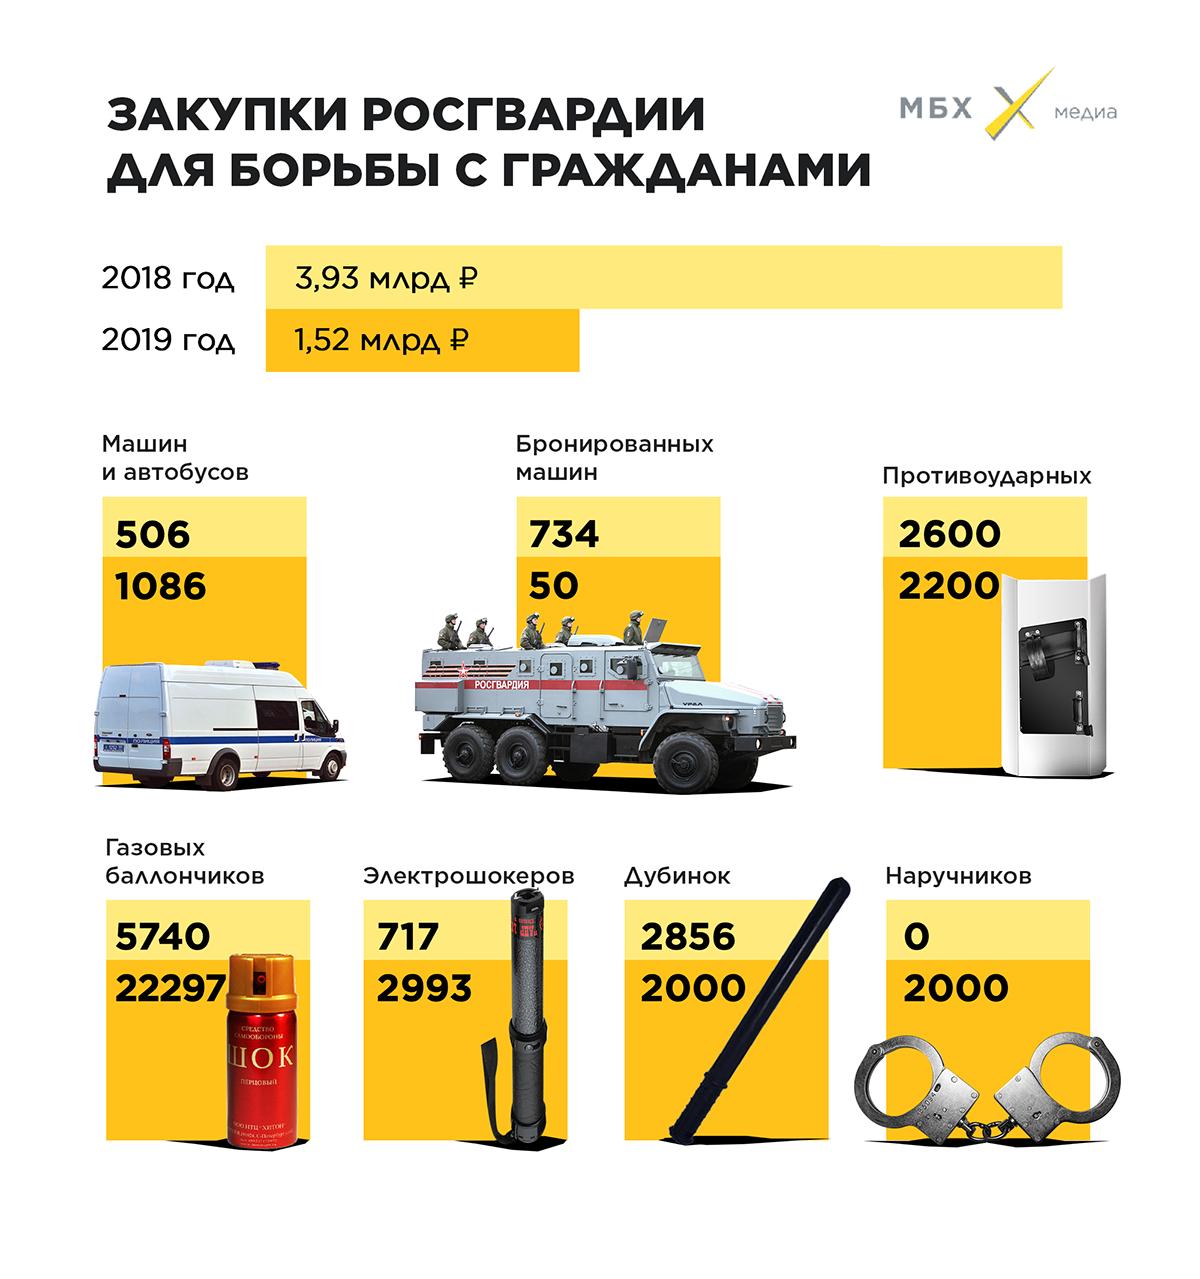 В2019 году Росгвардия потратила наборьбу сгражданами полтора миллиарда рублей